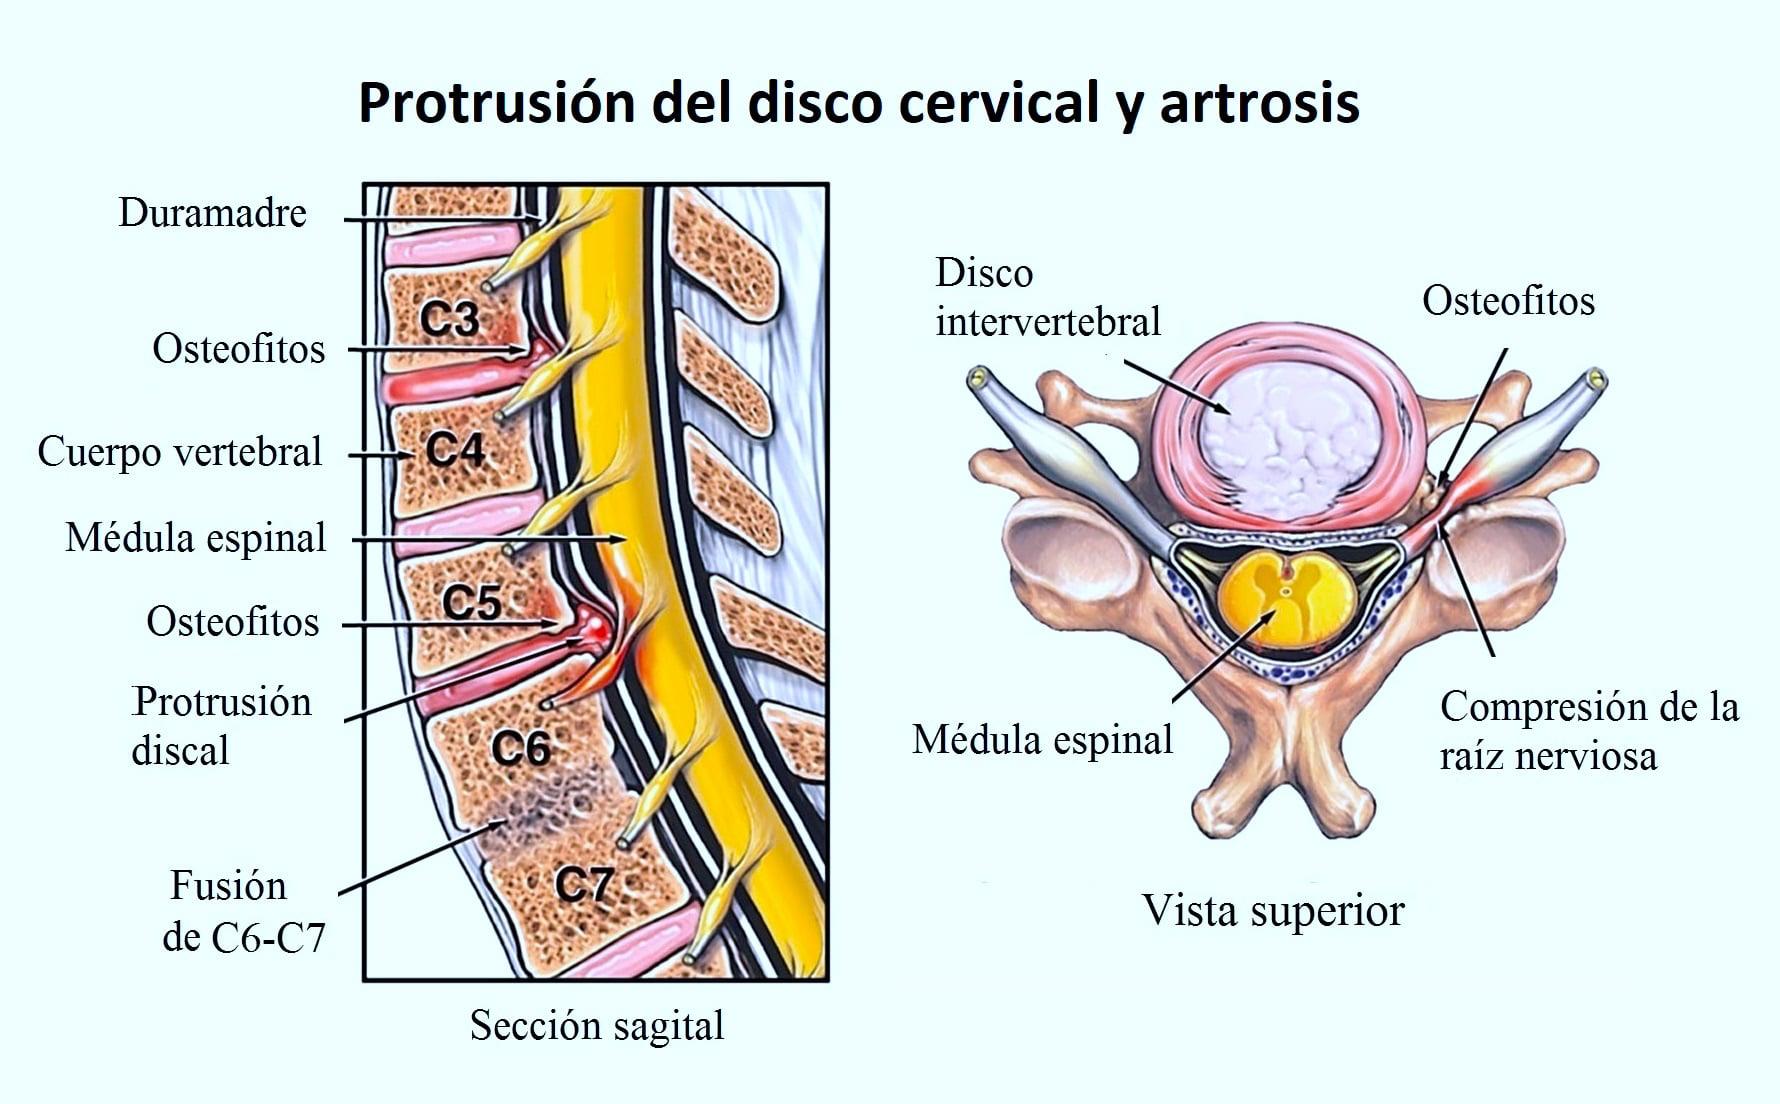 Artosis cervical, vértigo